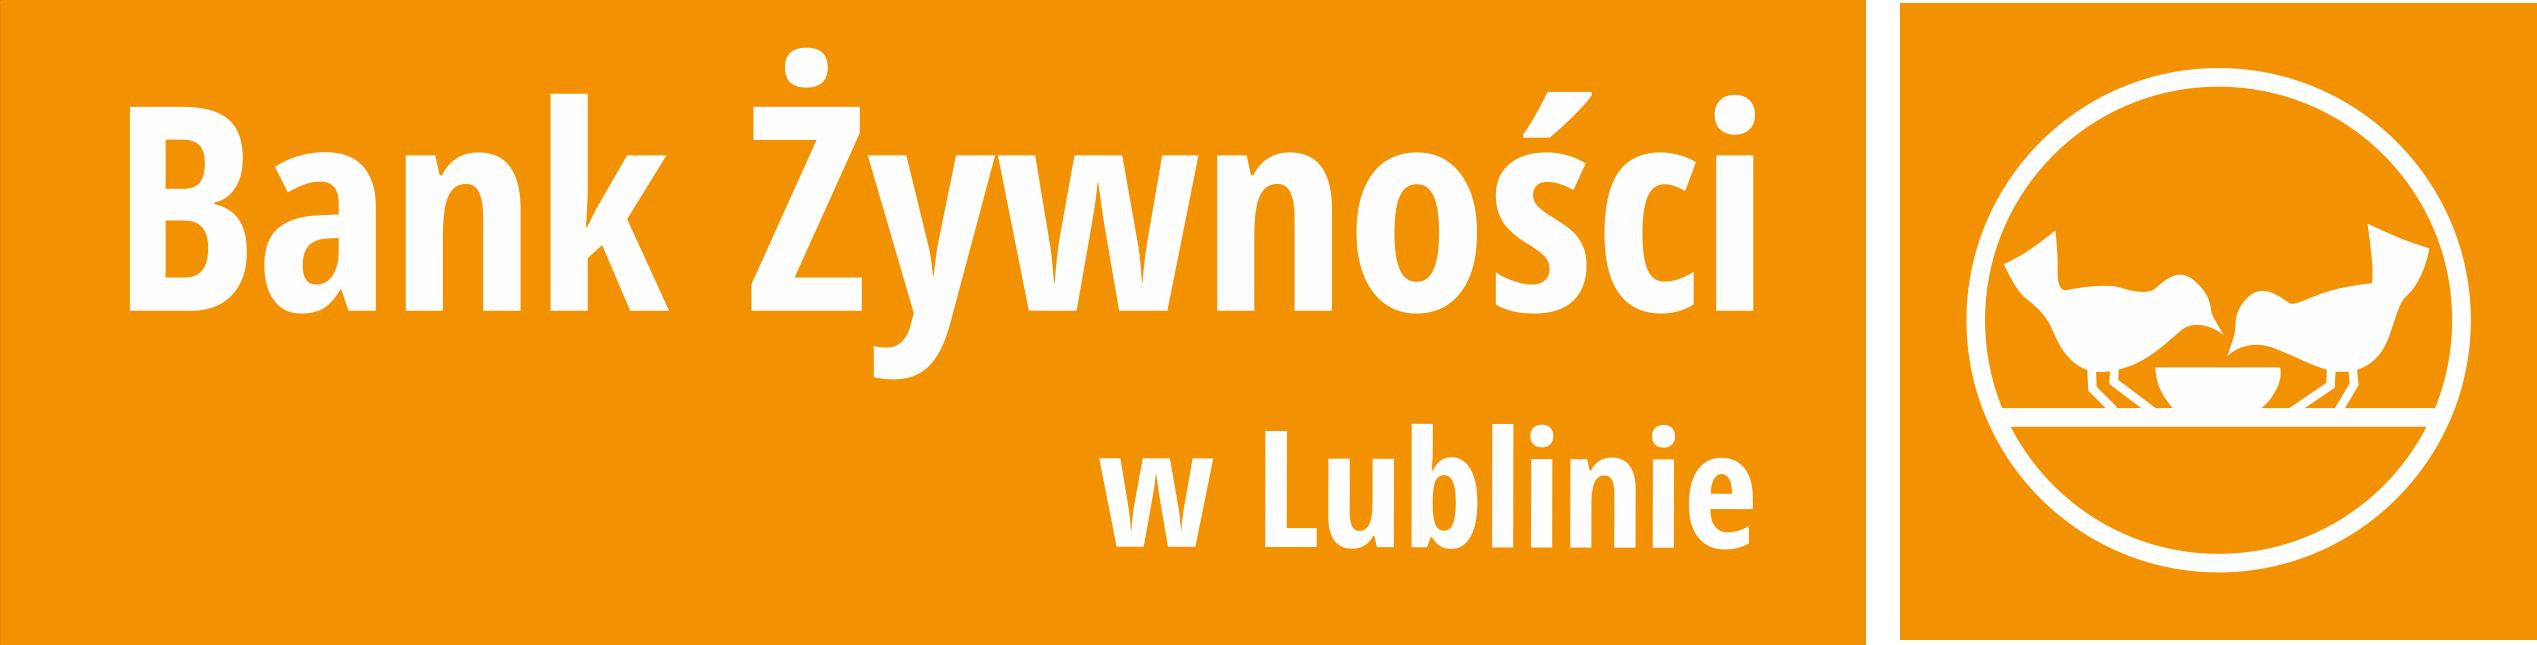 Bank Żywności in Lublin